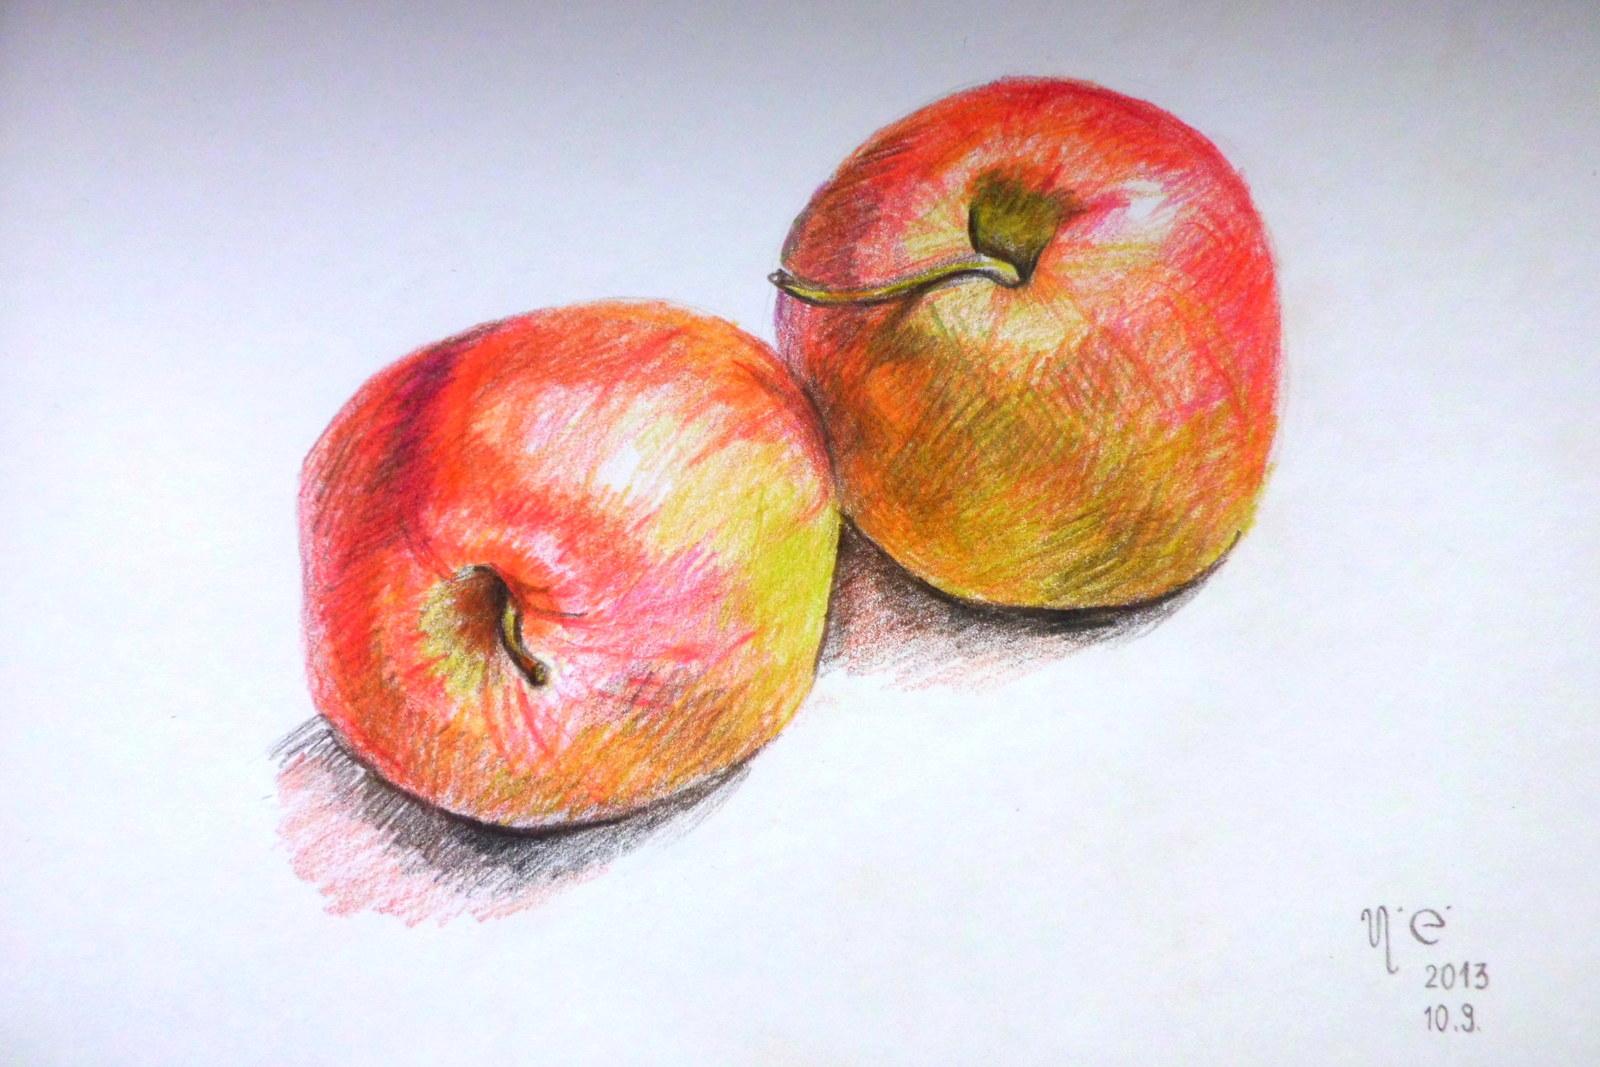 Moje Oblibena Jablka Zbozi Prodejce Taliana Fler Cz